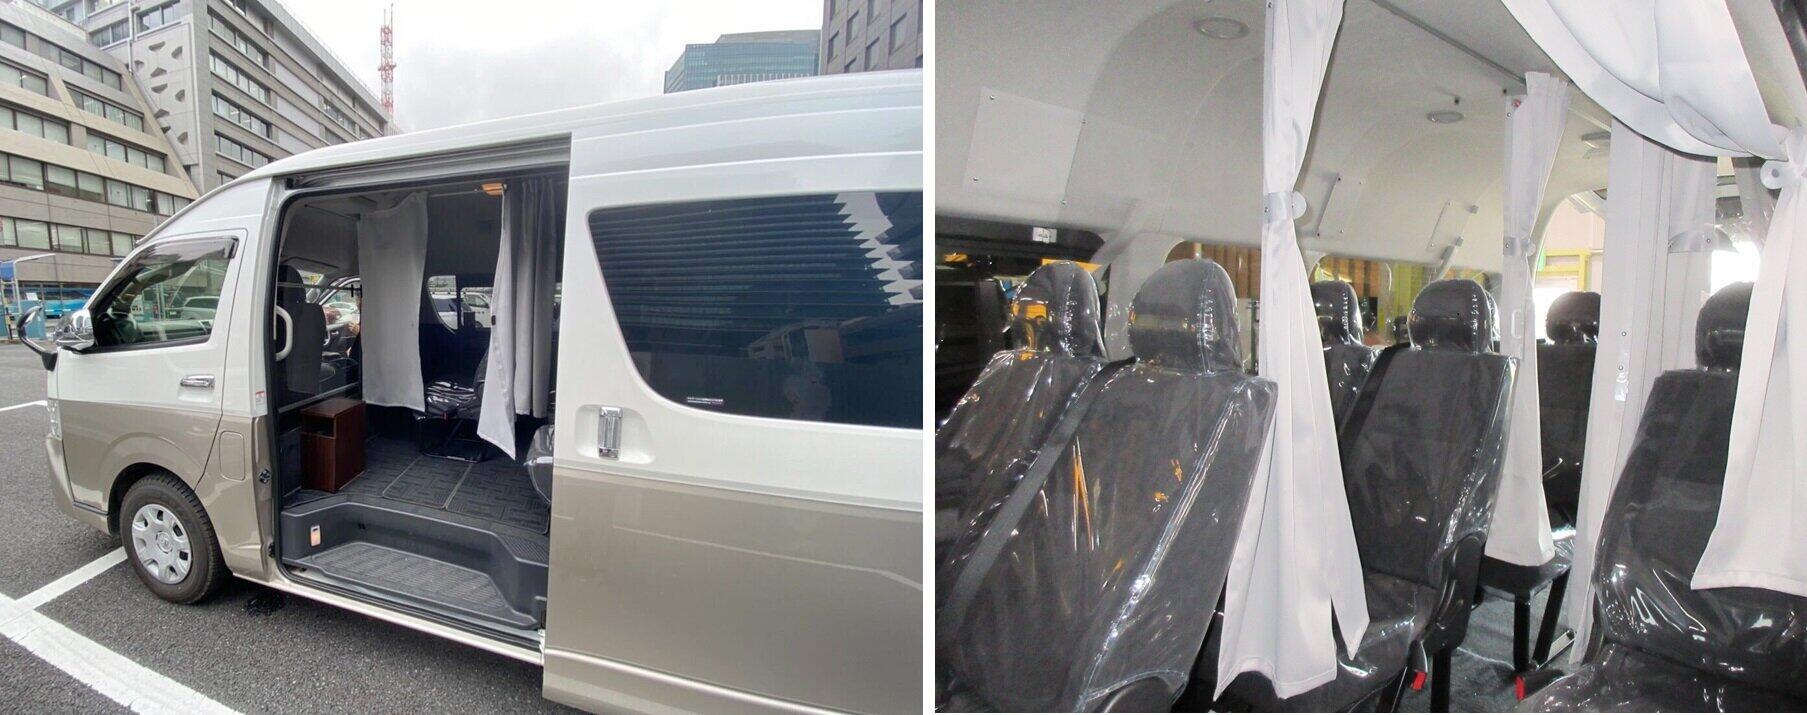 【コロナに勝つ! ニッポンの会社】 トヨタとソフトバンクの「モネ」がコロナ対応車両を開発